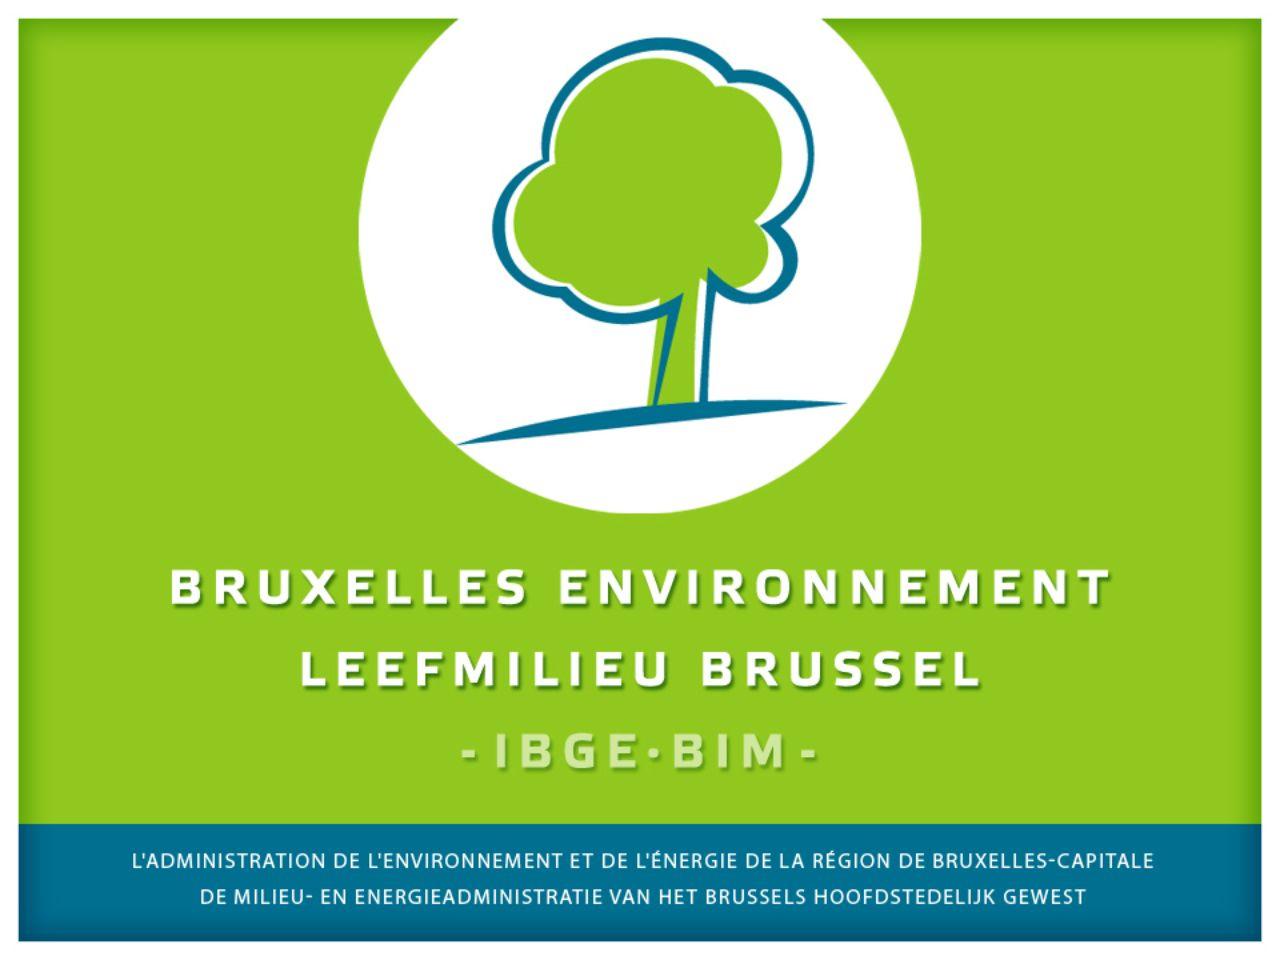 4.Les outils offerts par Bruxelles Environnement 4.